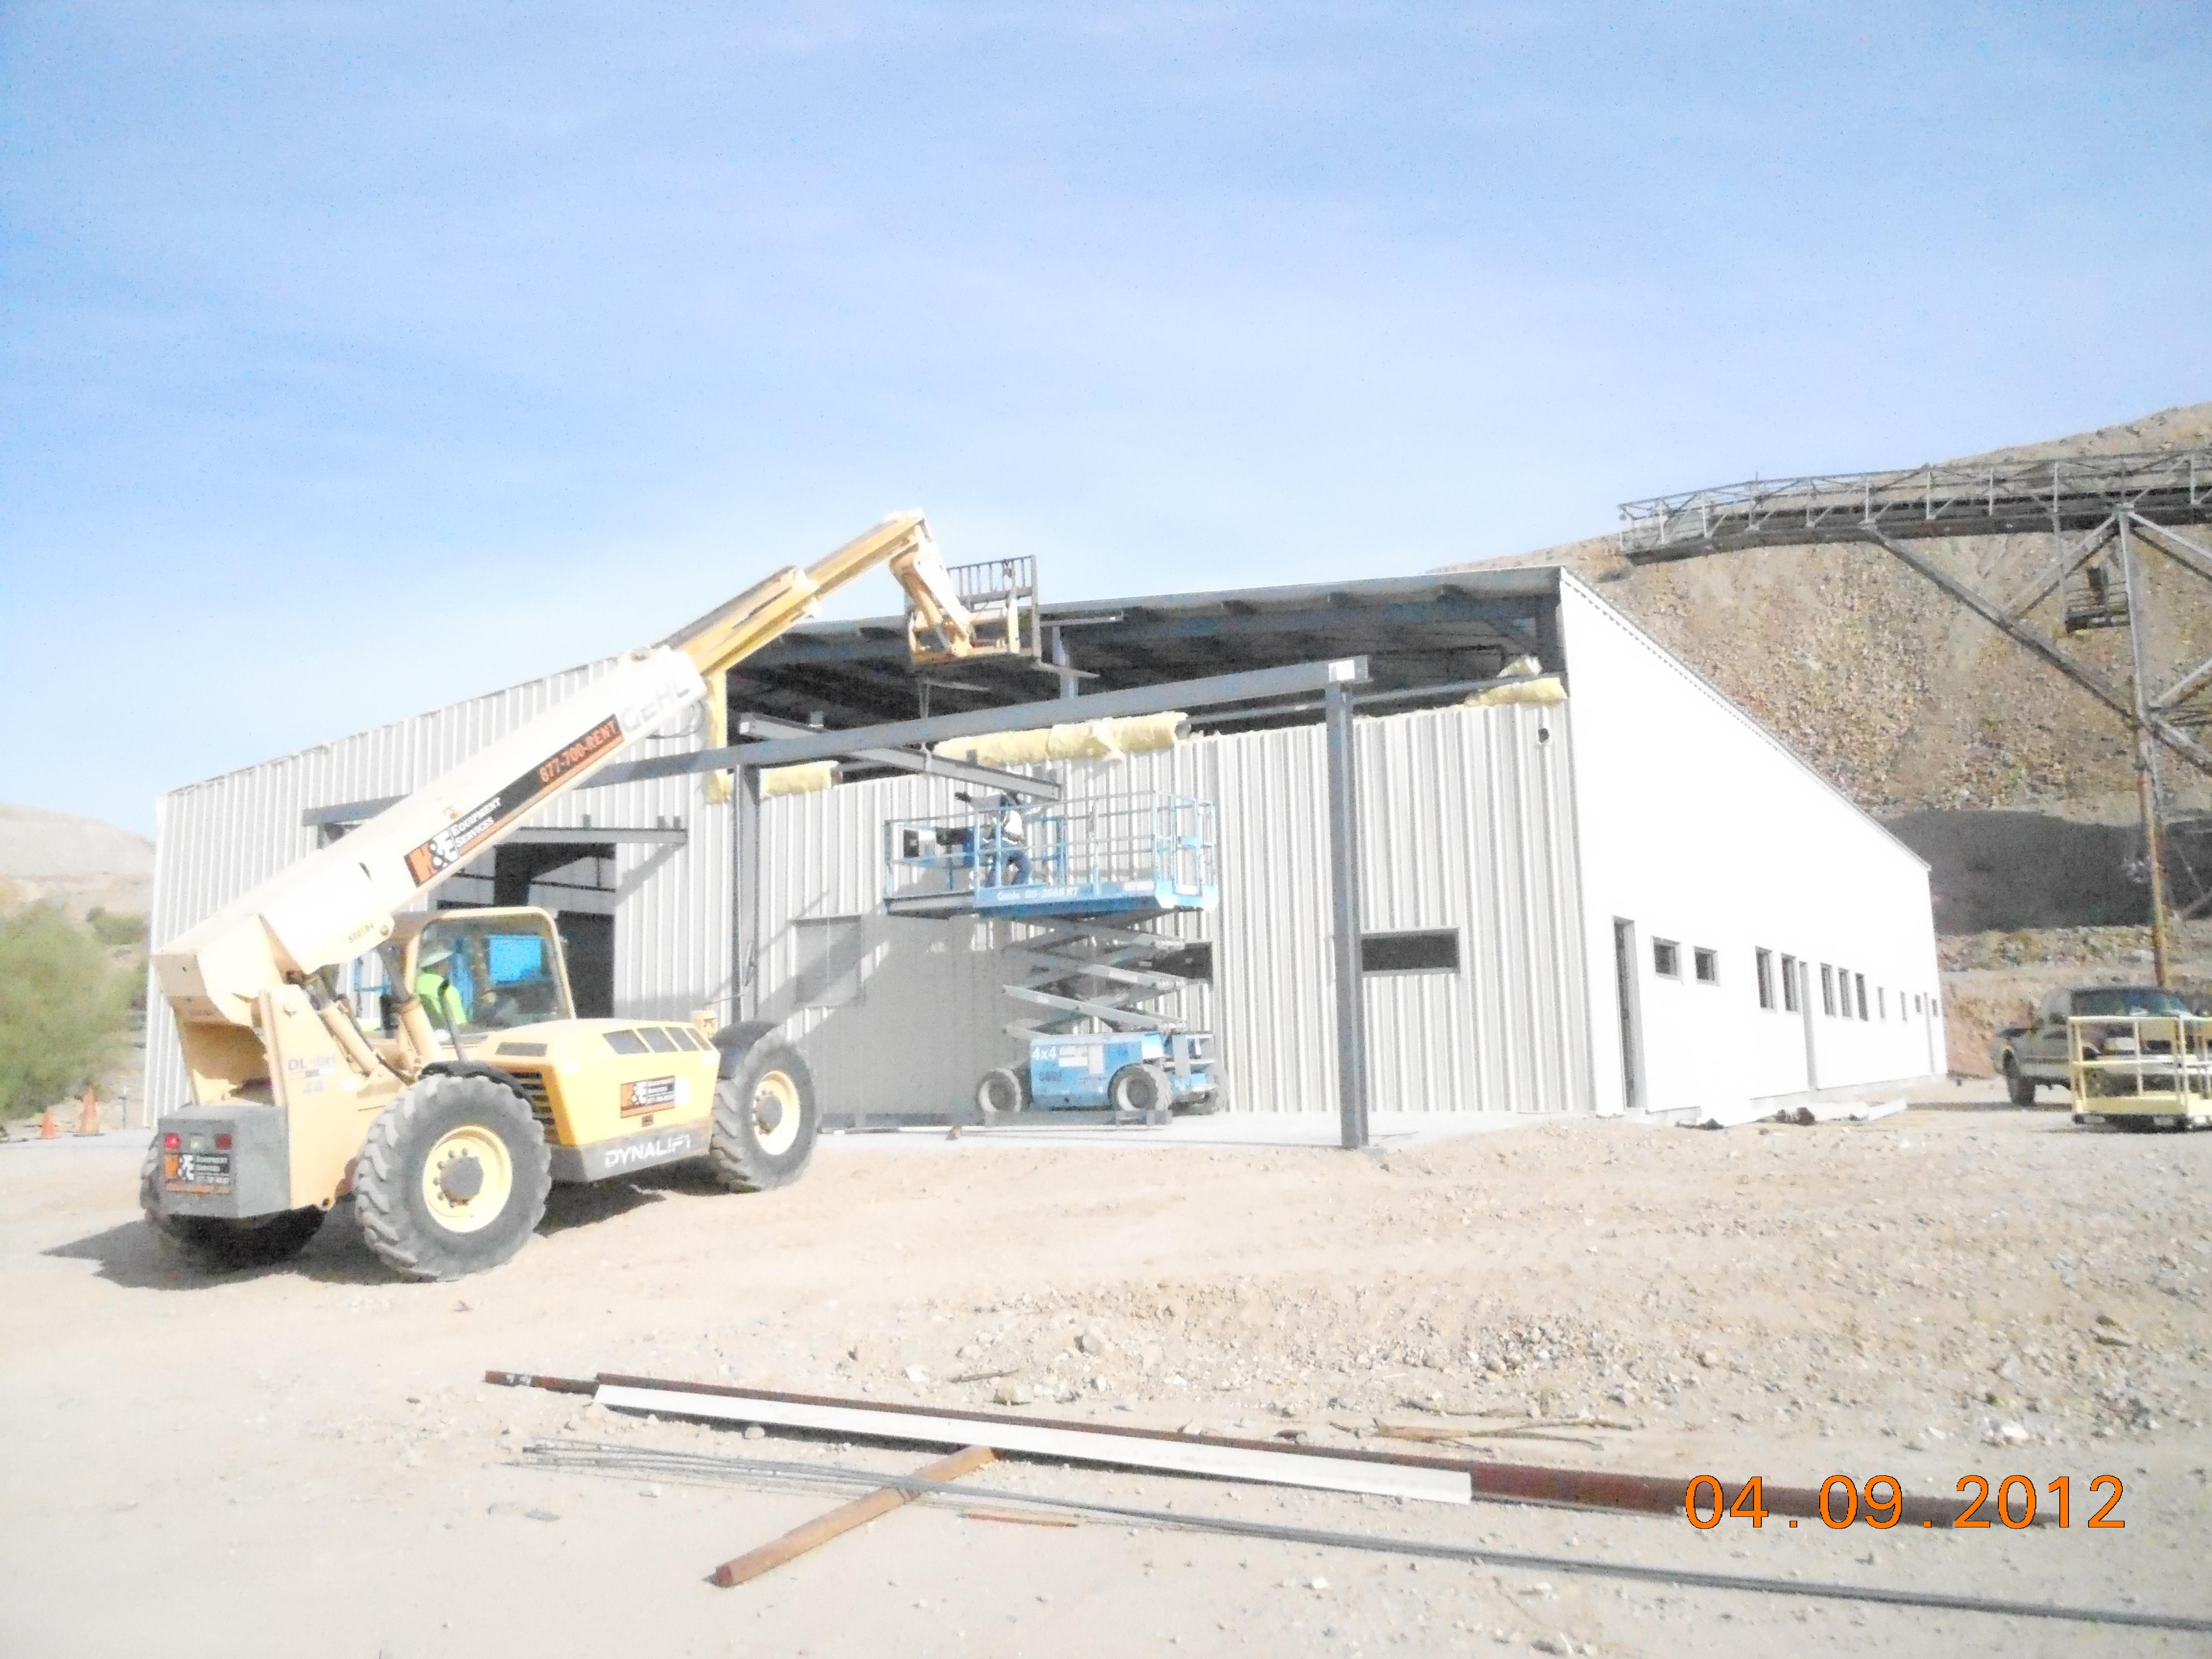 Continuing the Building Facade Work